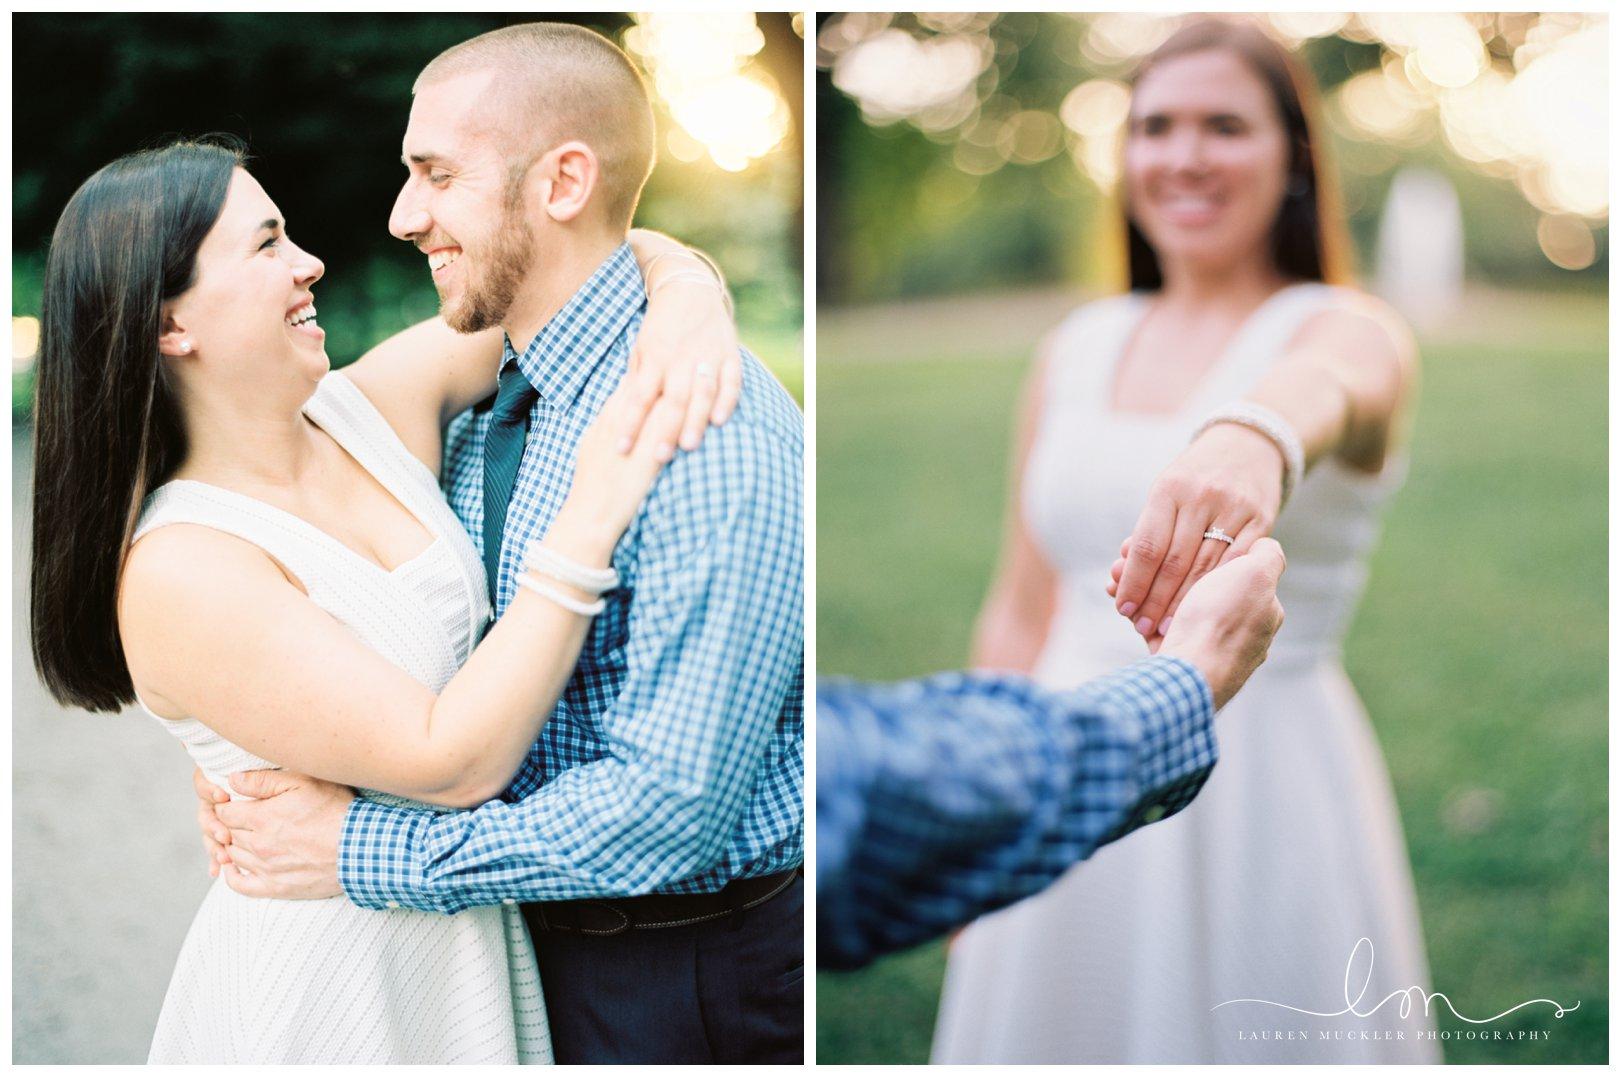 lauren muckler photography_fine art film wedding photography_st louis_photography_0538.jpg